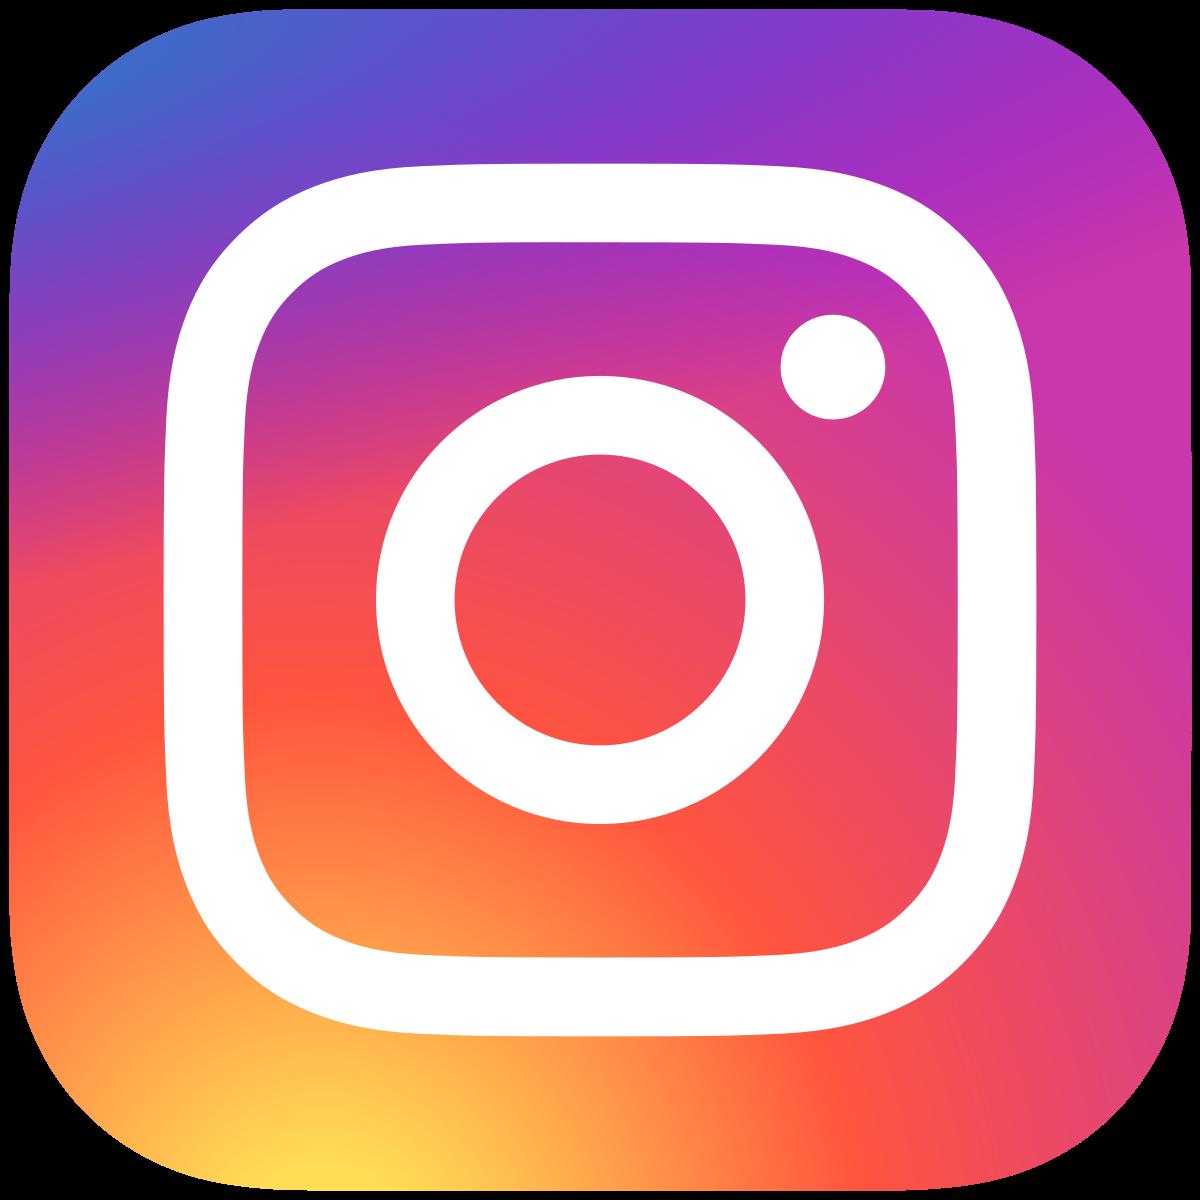 Katheterkollegen bei Instagram